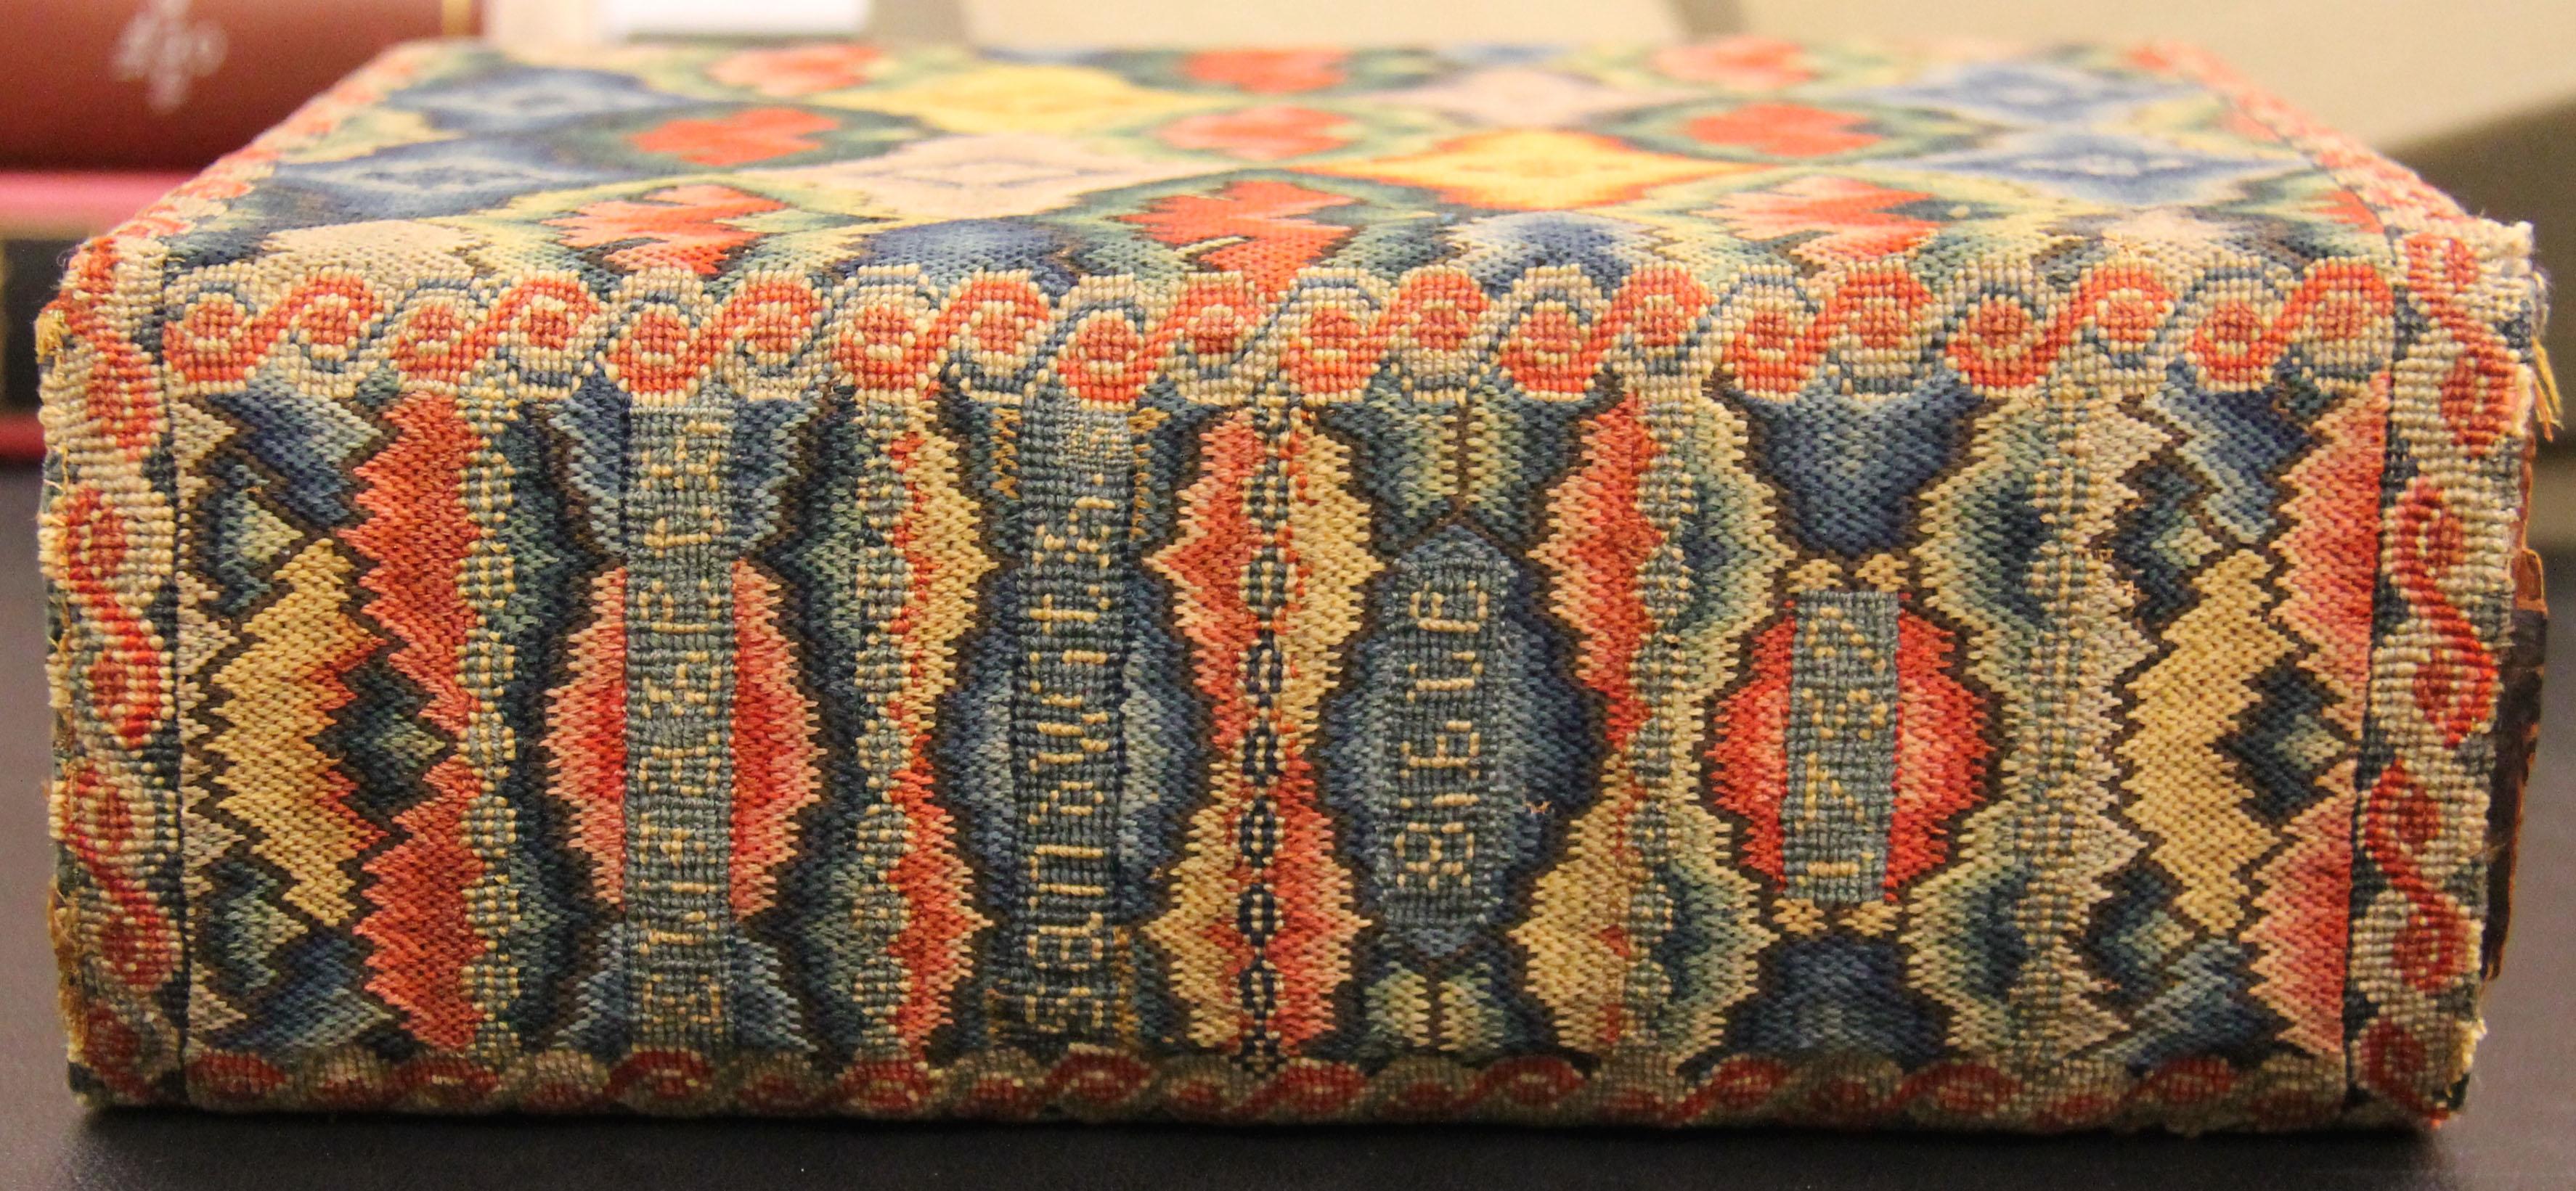 stitchedbiblecover